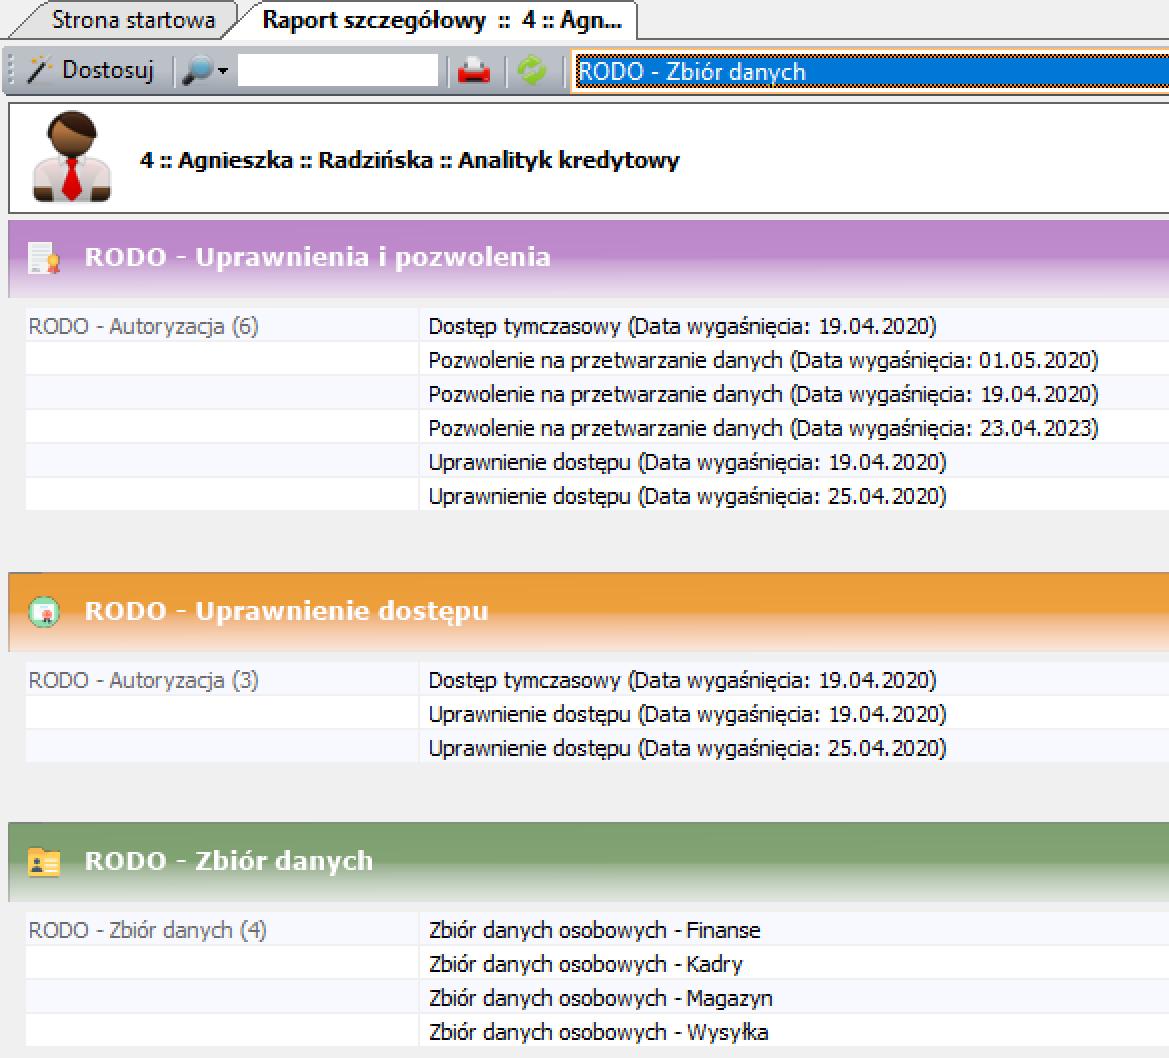 Aplikacja RODO - Raport szczegółowy użytkownika